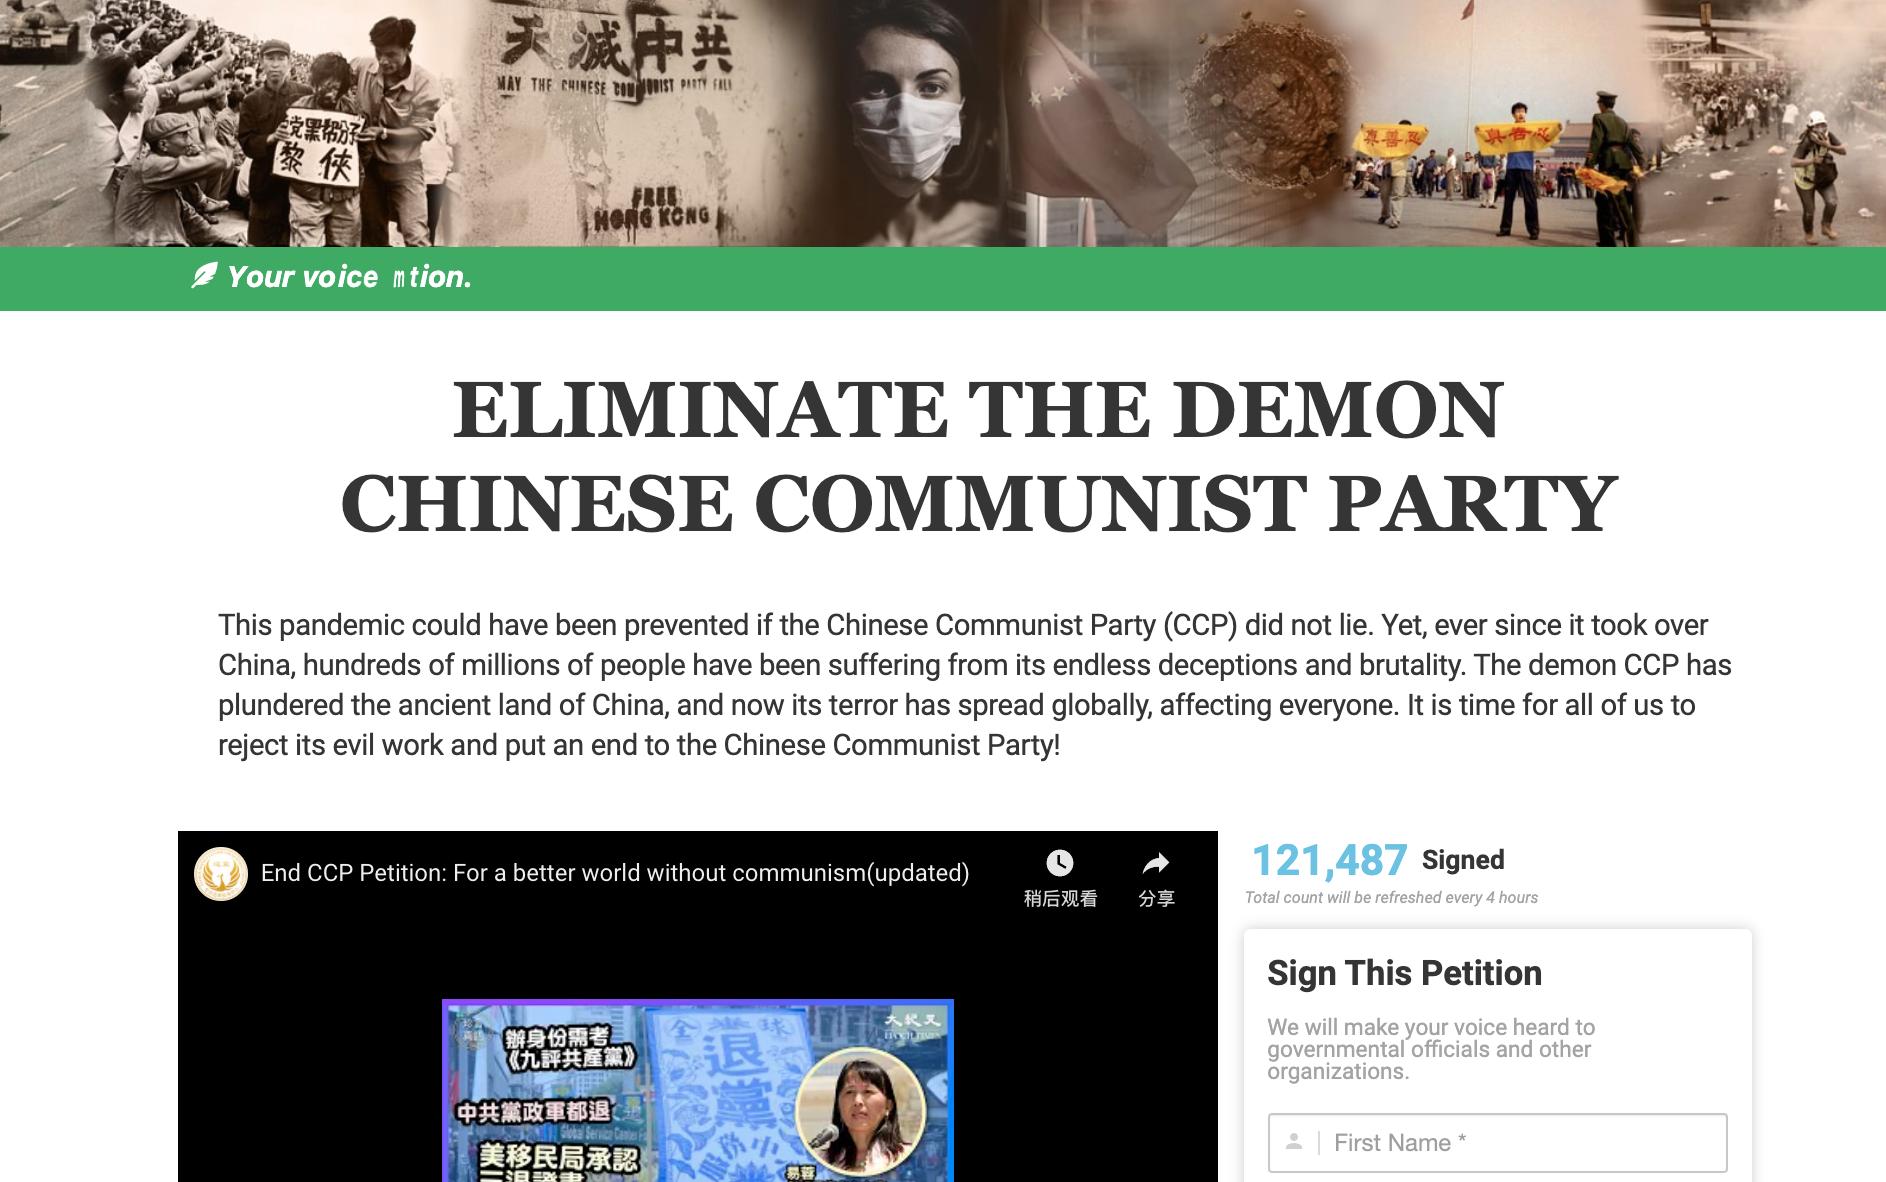 圖為「打倒中共惡魔」倡議書聯署網站,截止到10月16日,已有超過12萬人聯署。(EndCCP.com)